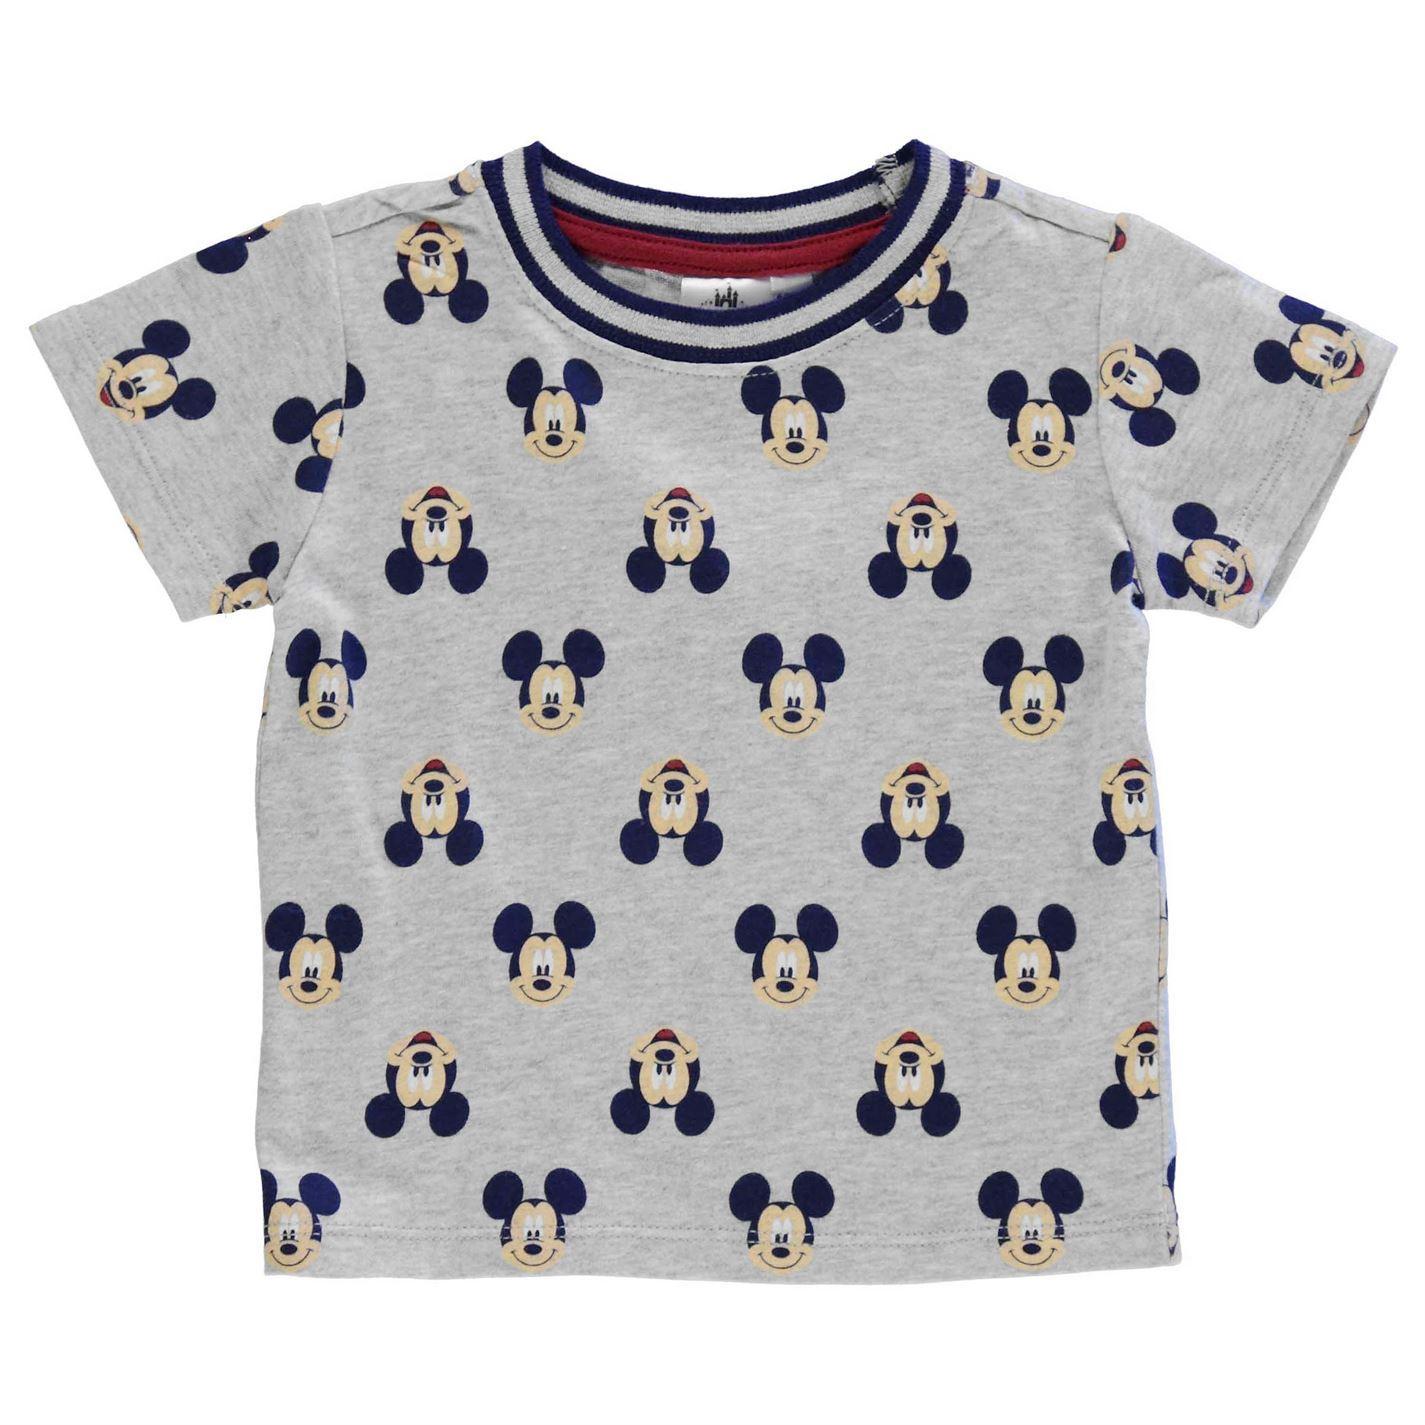 c87f1f97200c Disney Mickey Mouse 3 Piece Set Jogger Suit Infant Babies Blue Grey ...